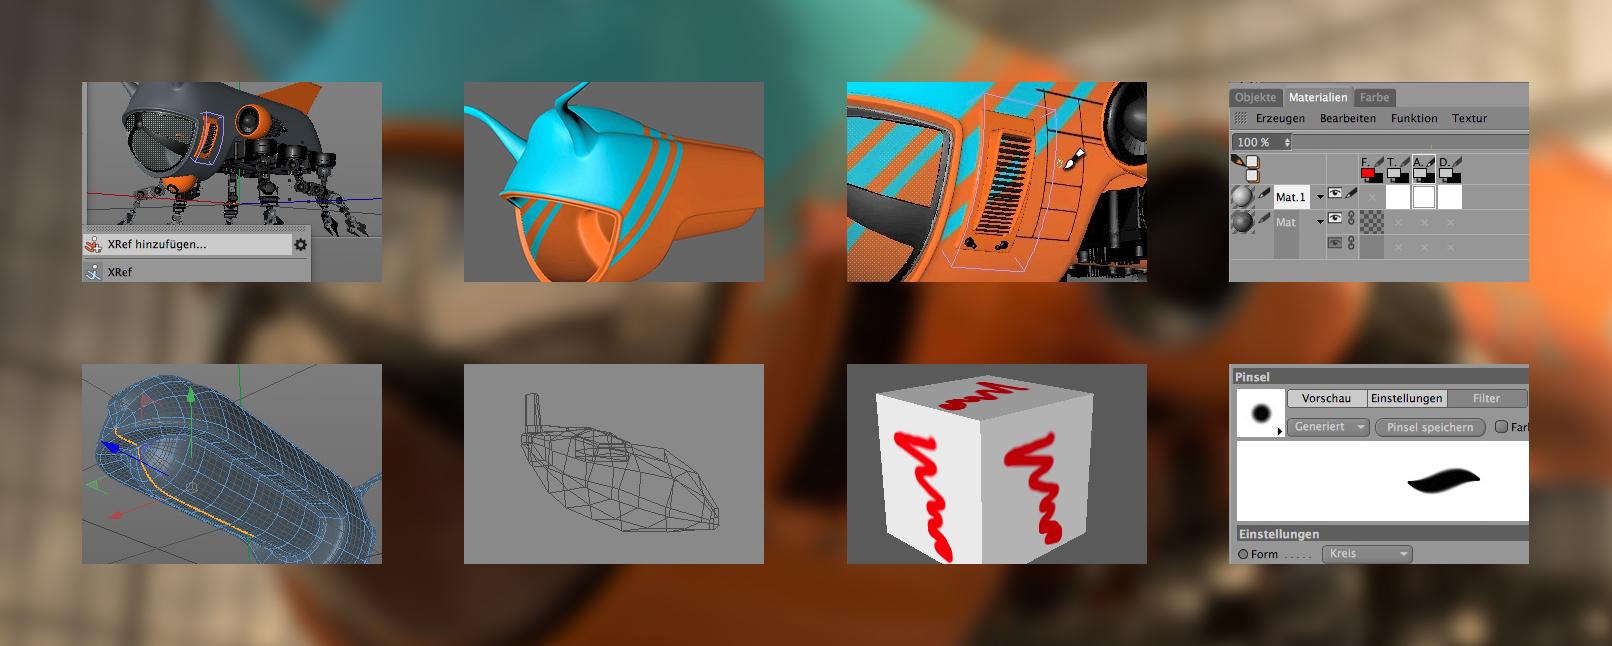 Szenen aus dem Tutorial zu BodyPaint 3D